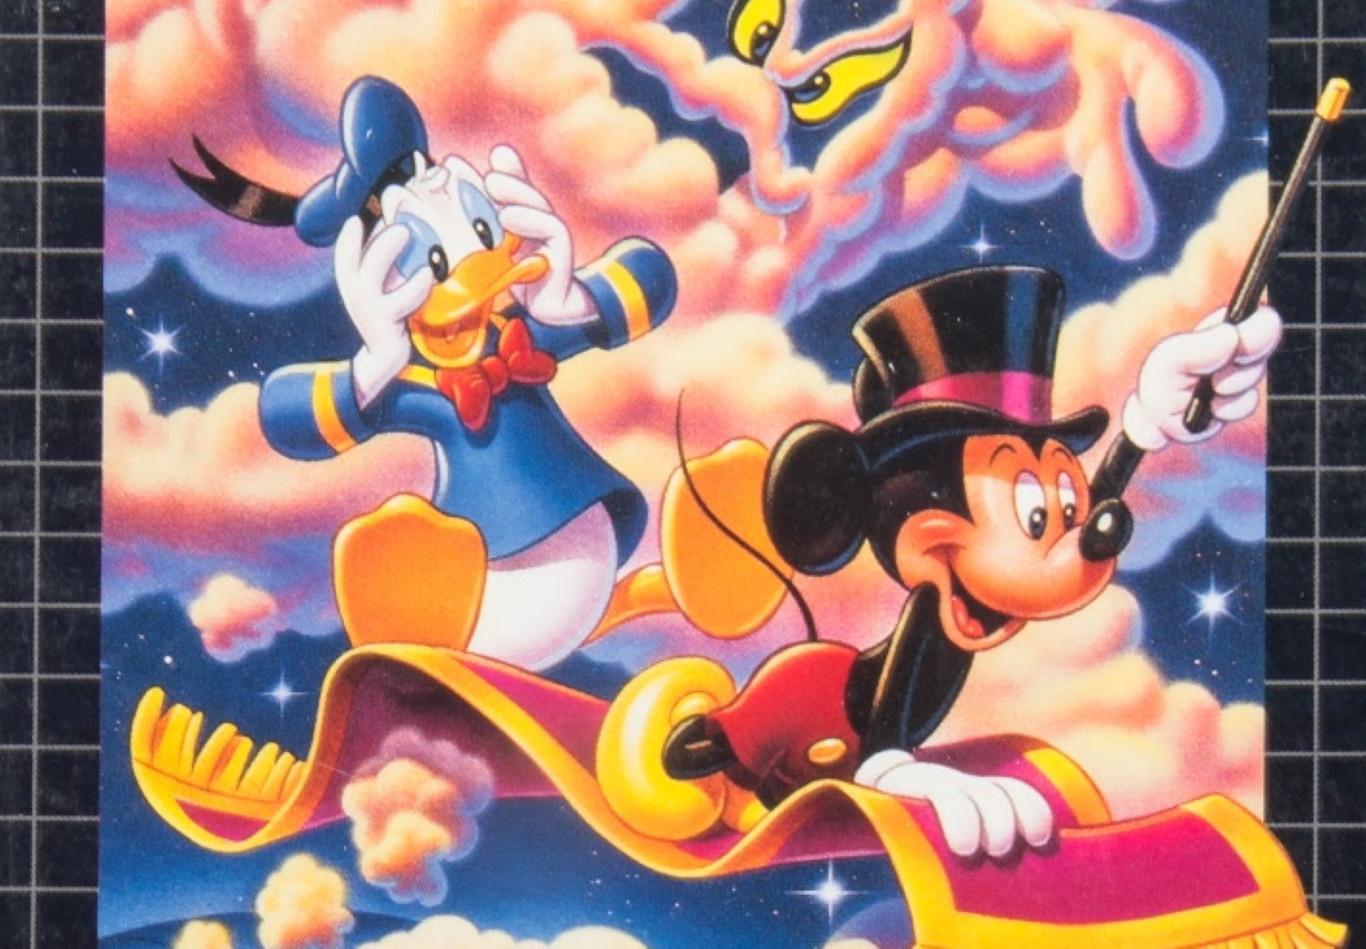 Retroanálisis de World of Illusion, la inolvidable aventura conjunta entre Mickey Mouse y el Pato Donald para...